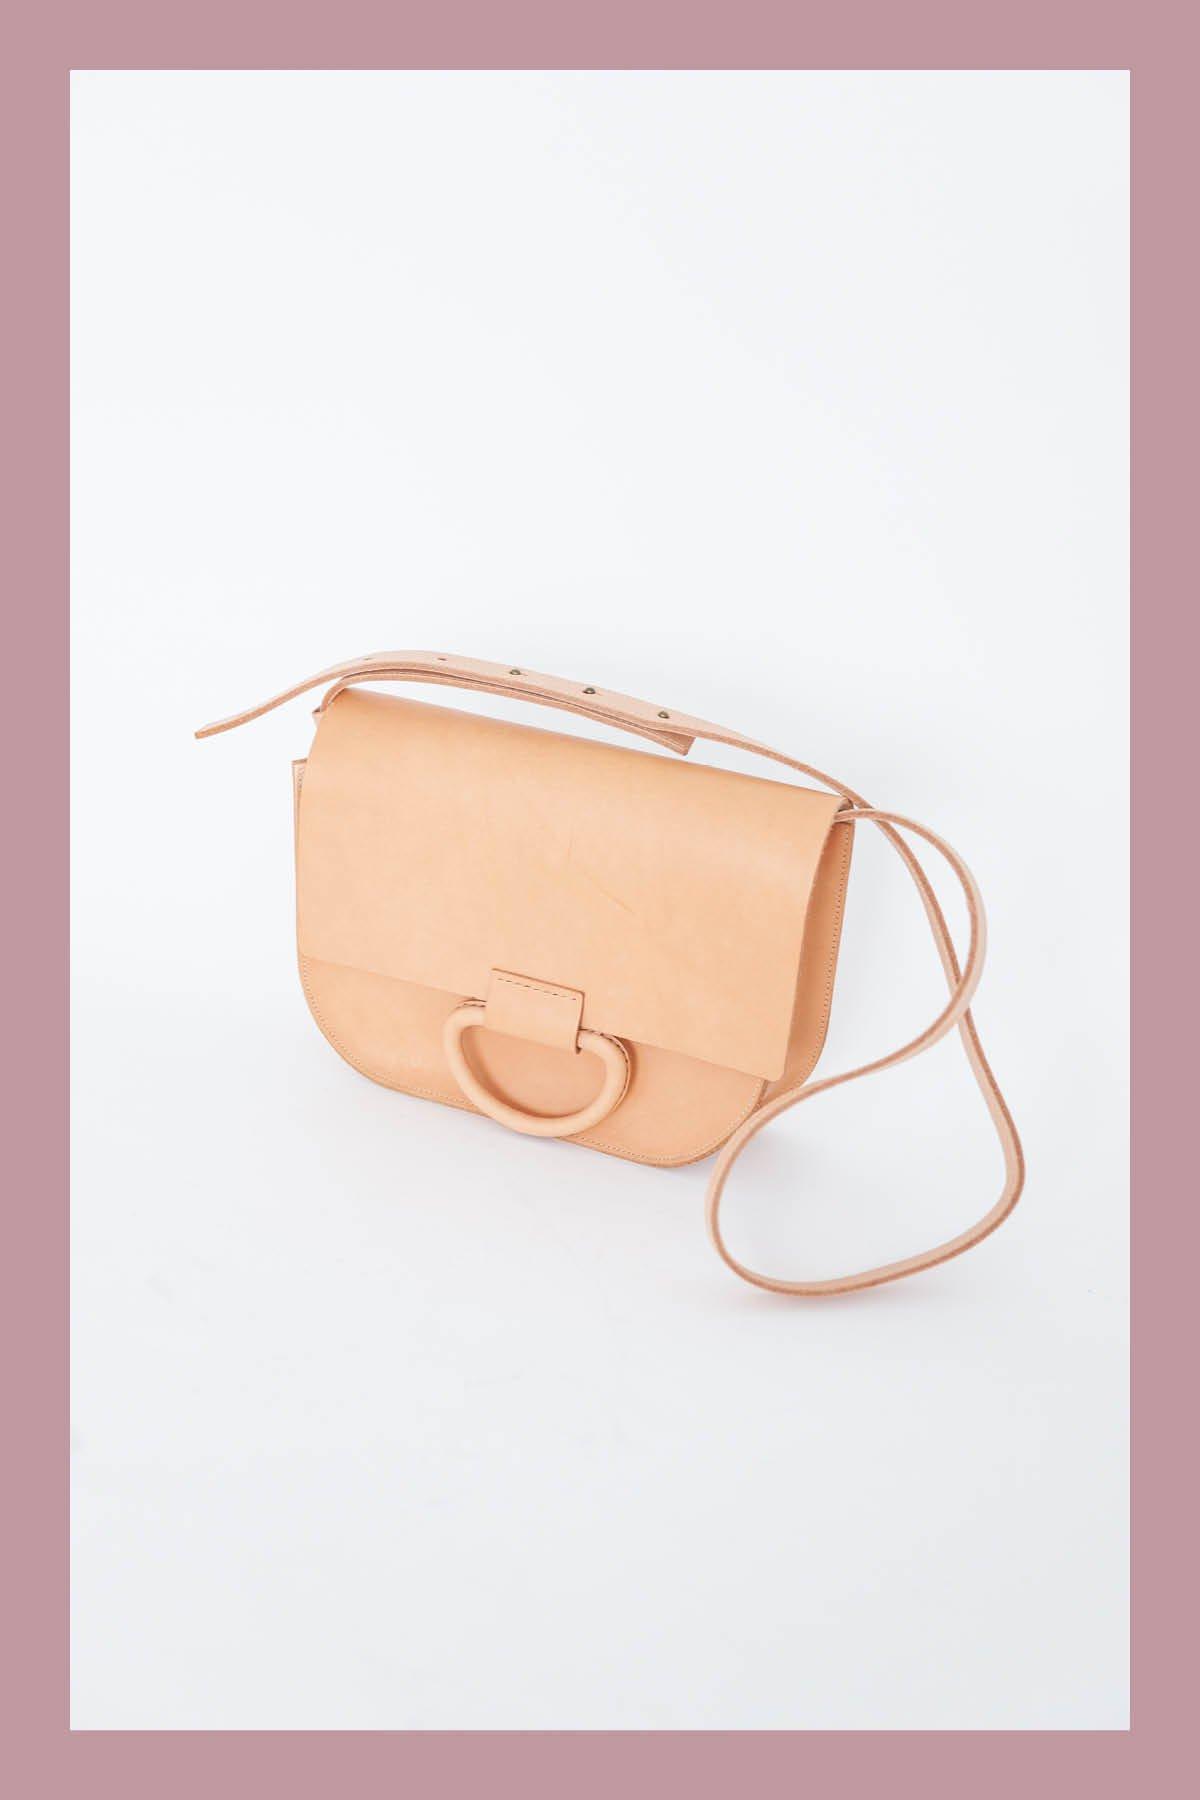 crescioni / LOGAN BAG